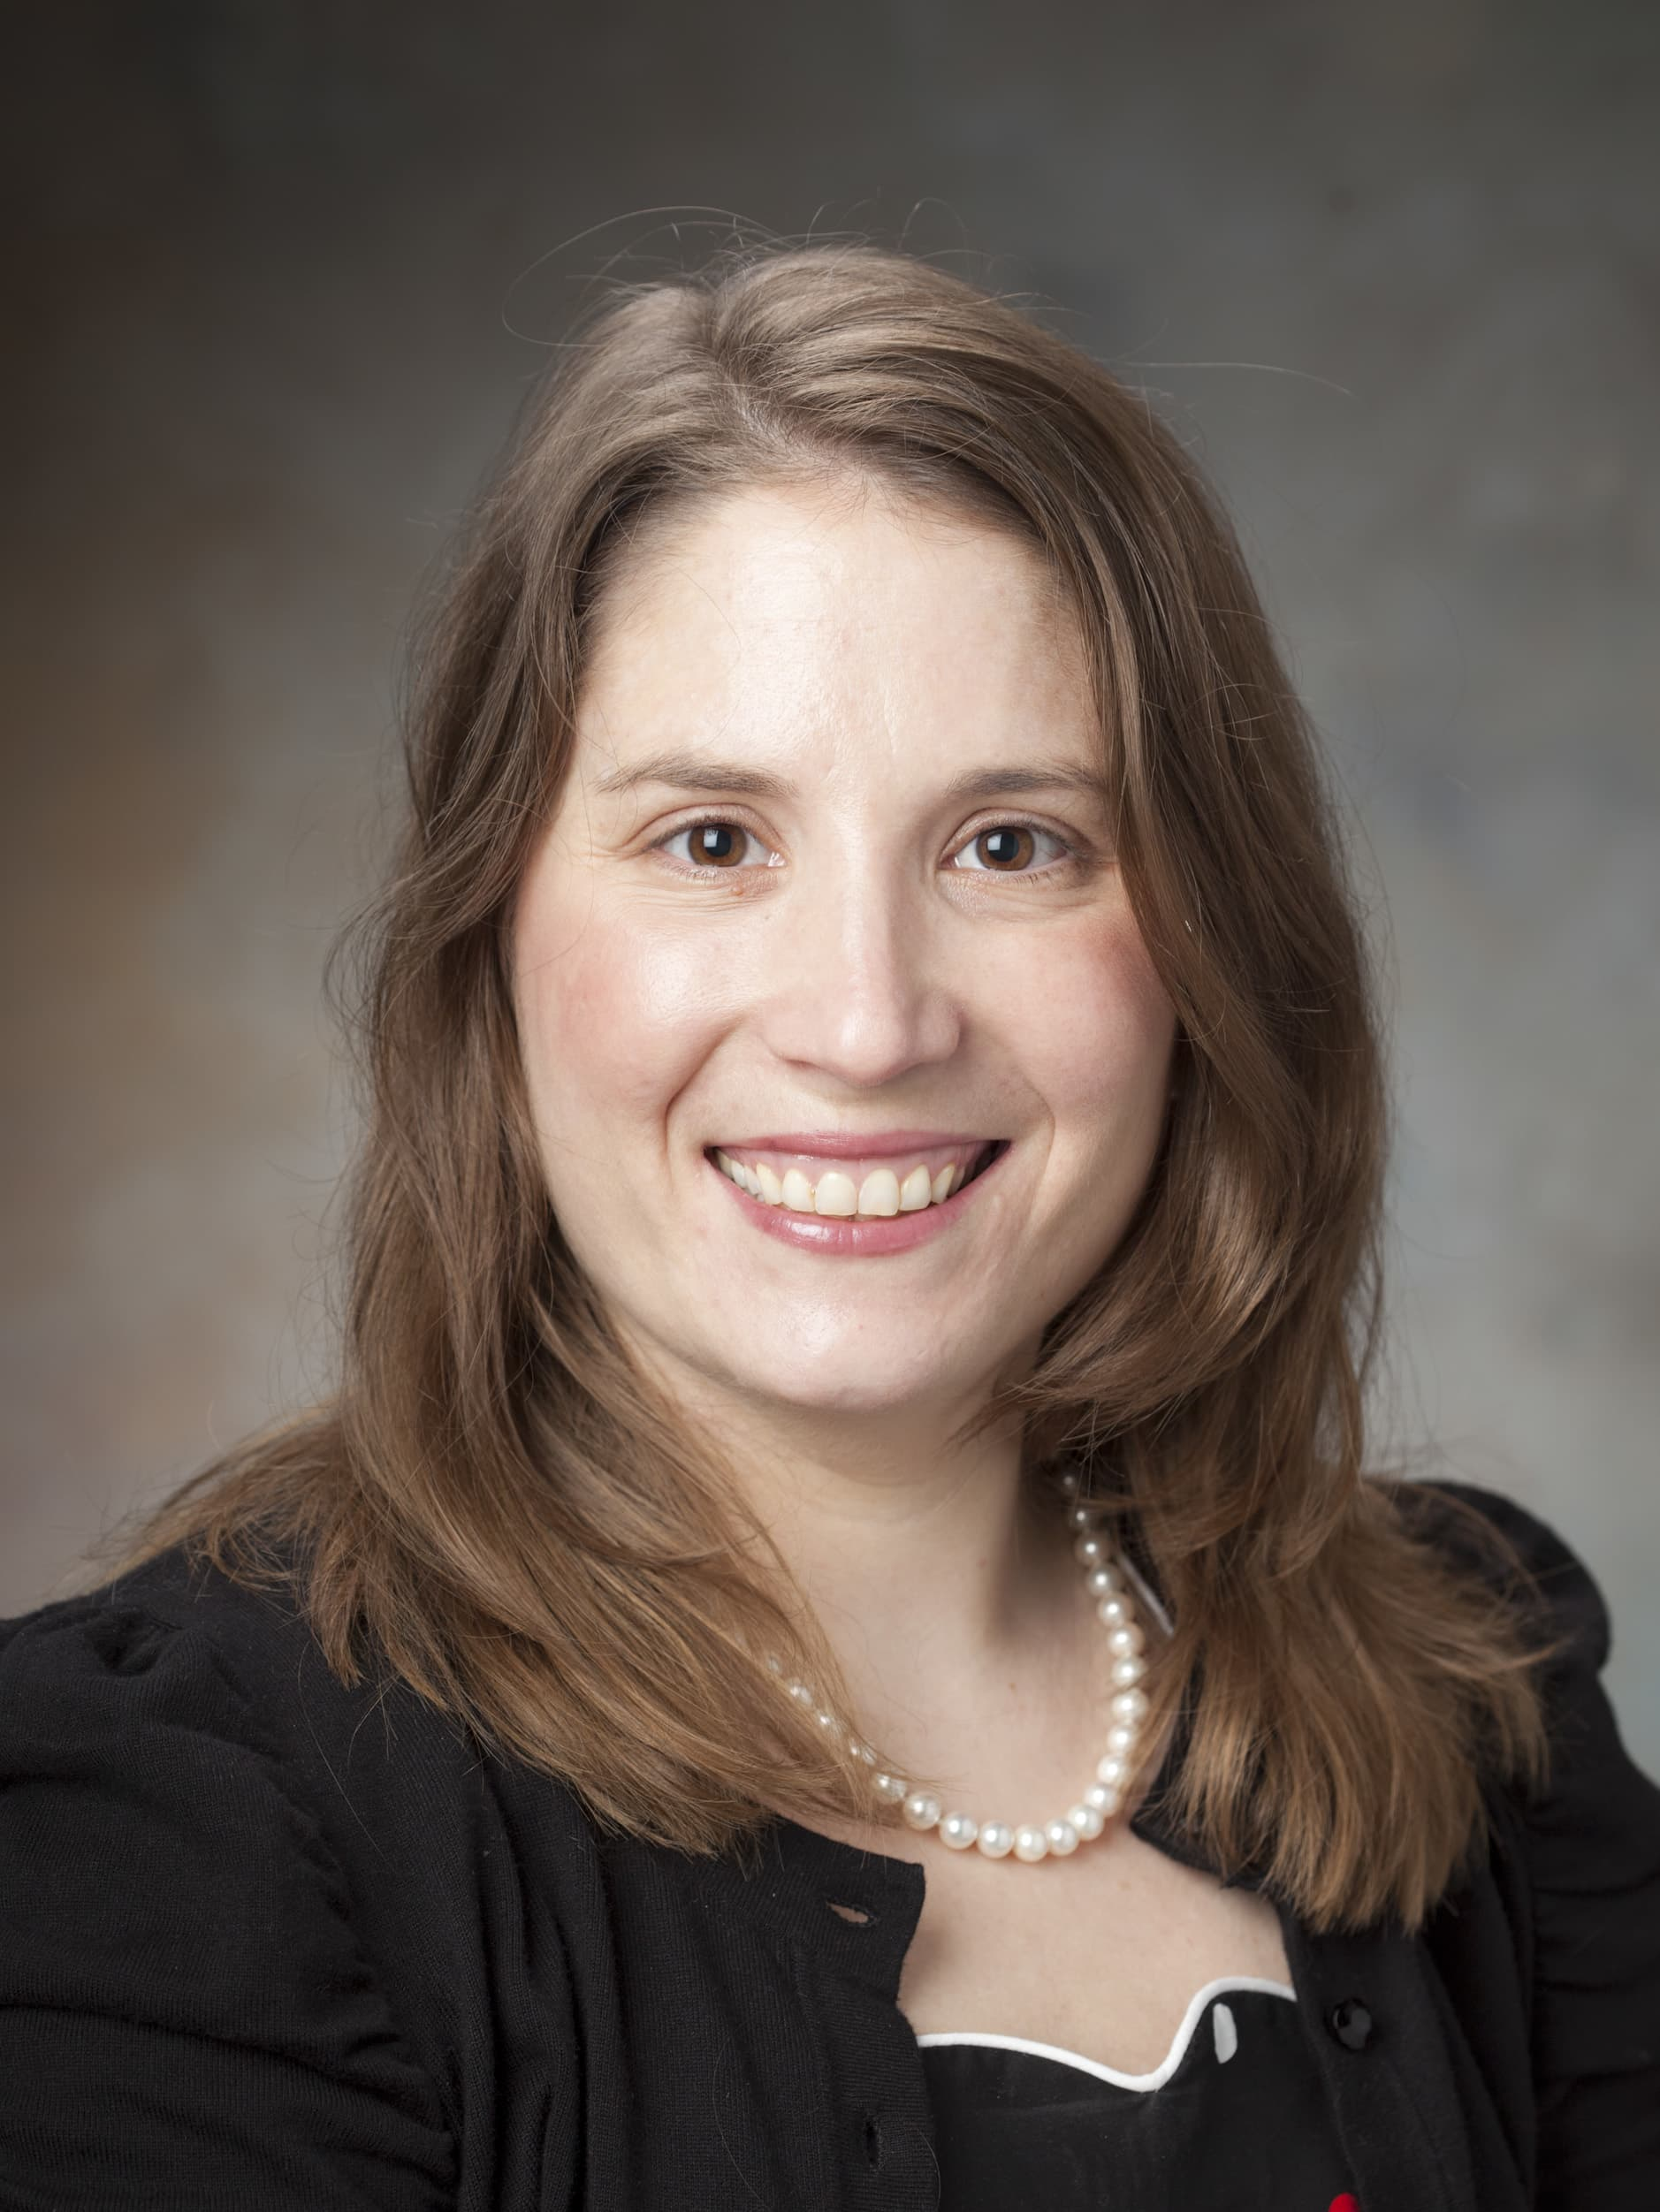 Emily J. Gilmore